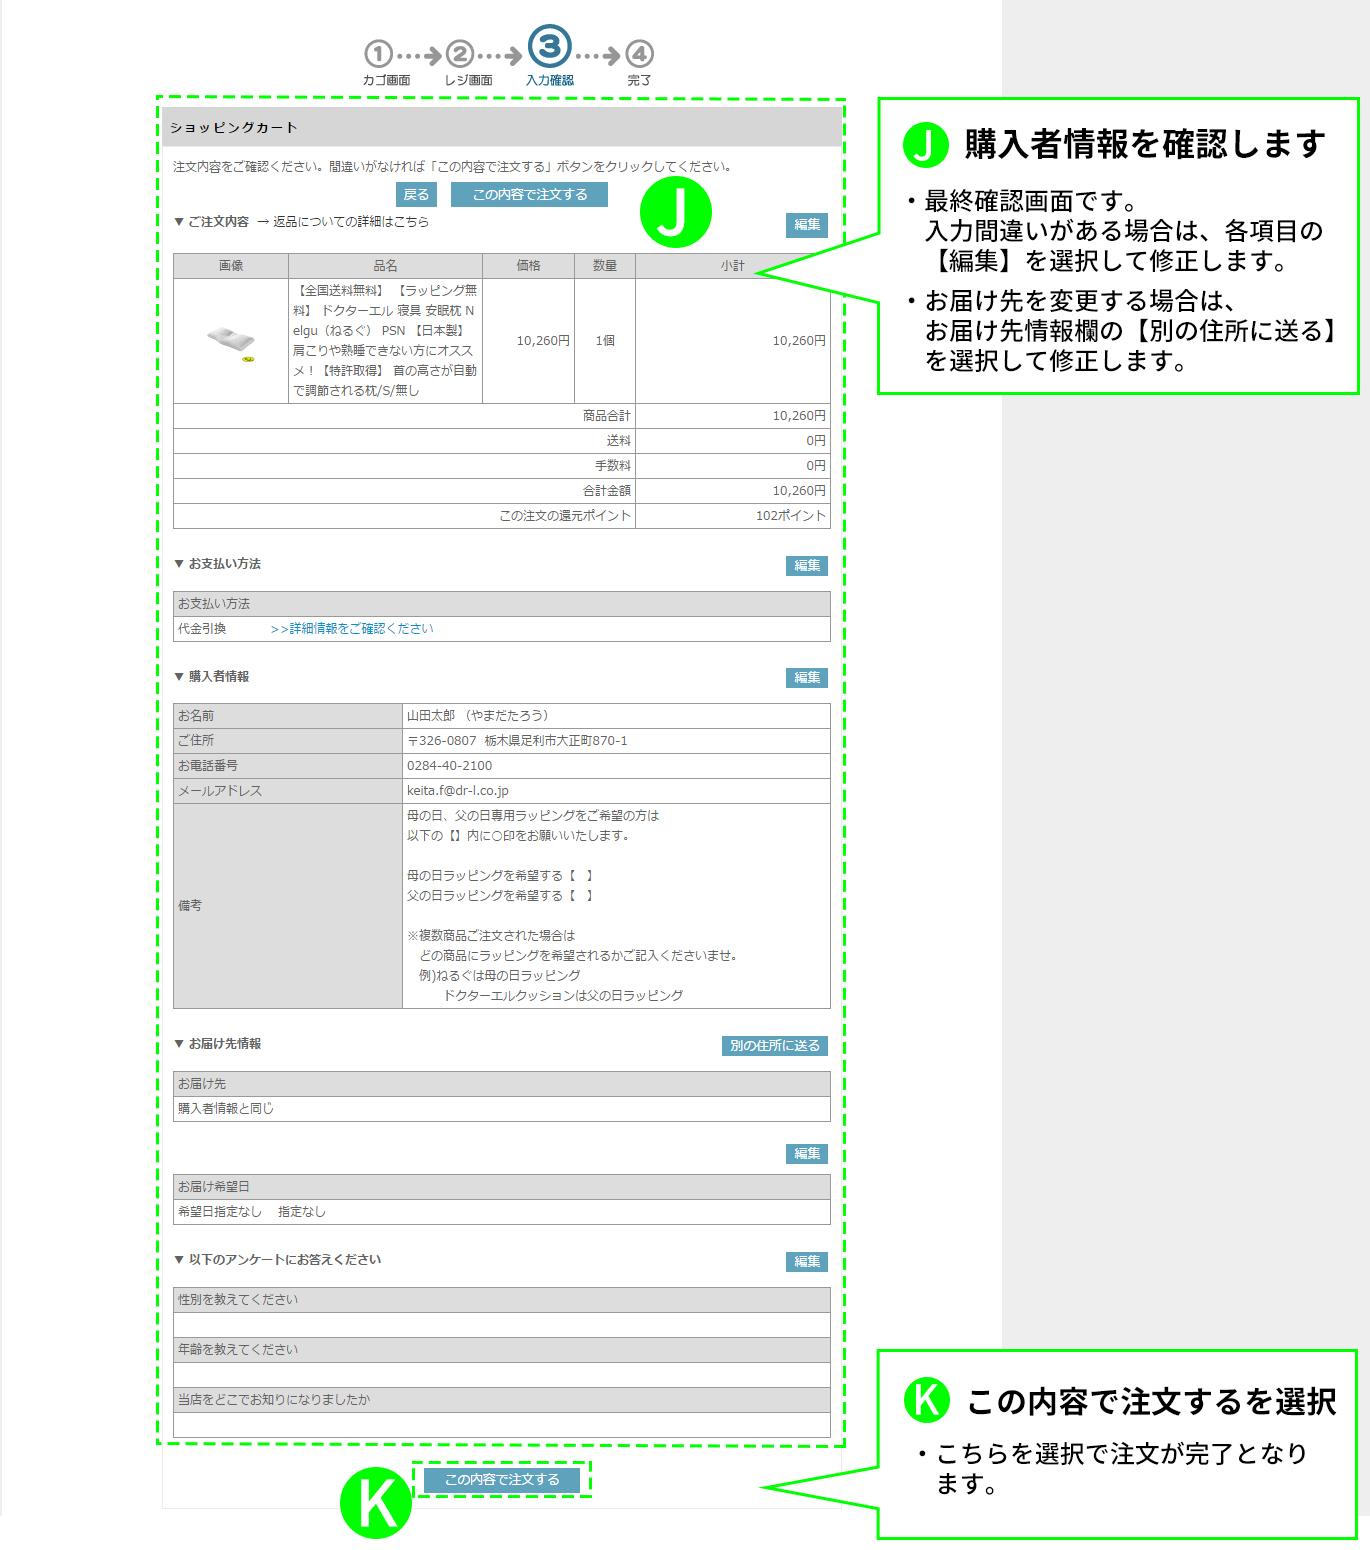 ・J購入者情報を確認します・Kこの内容で注文するを選択